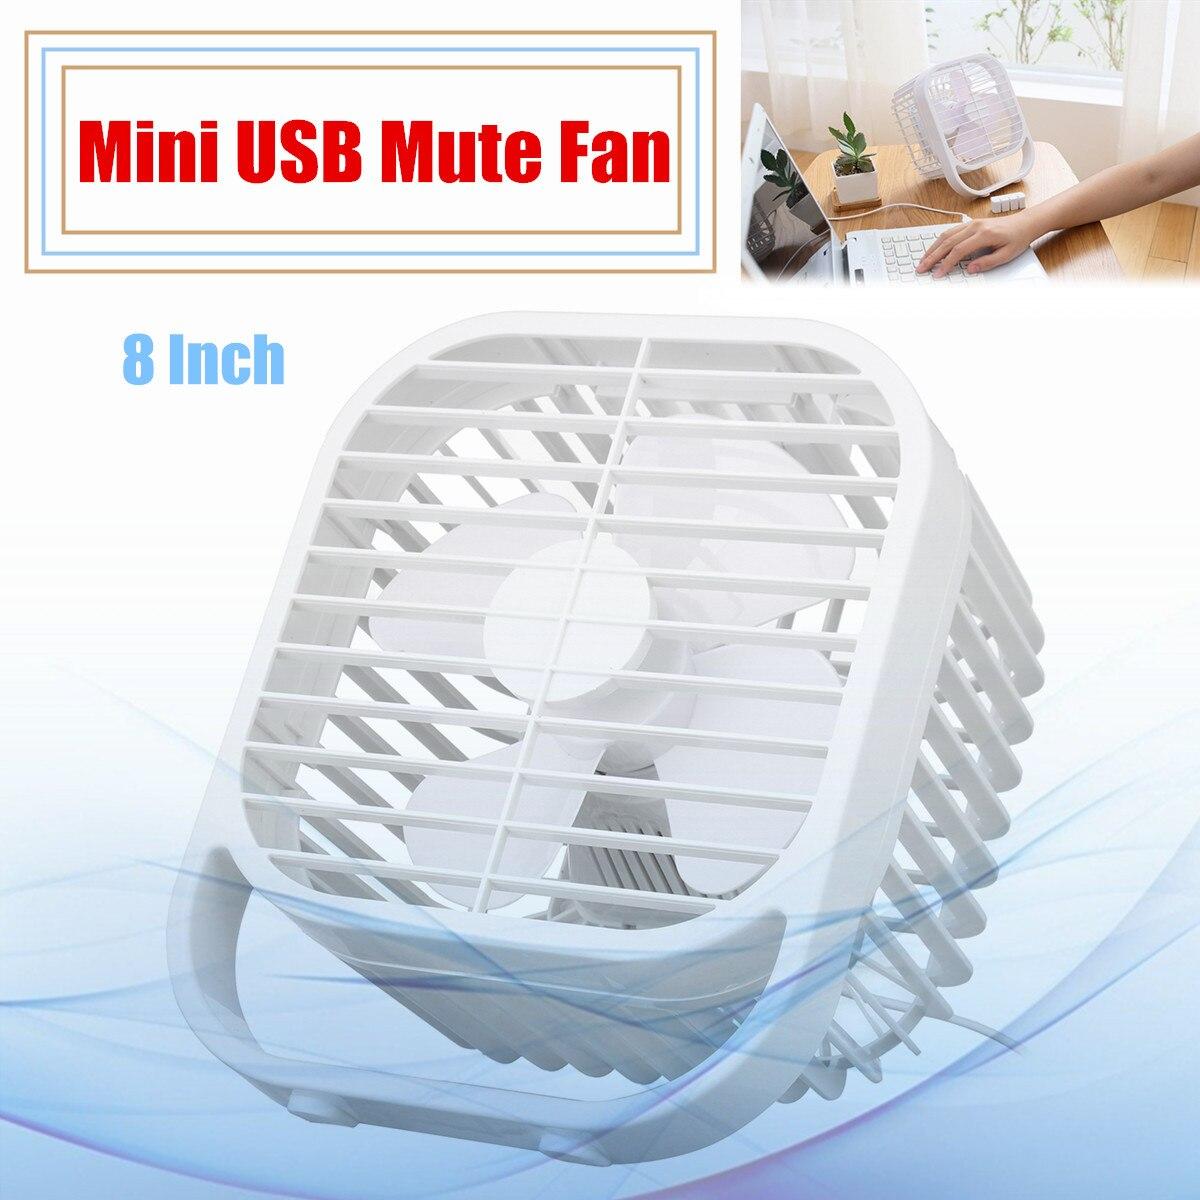 где купить 8 Inch Mini USB Ultra Mute Fan Four-Leaf Fan Portable Powerful Cooling Desk Fan 5V 3W Desktop Office дешево